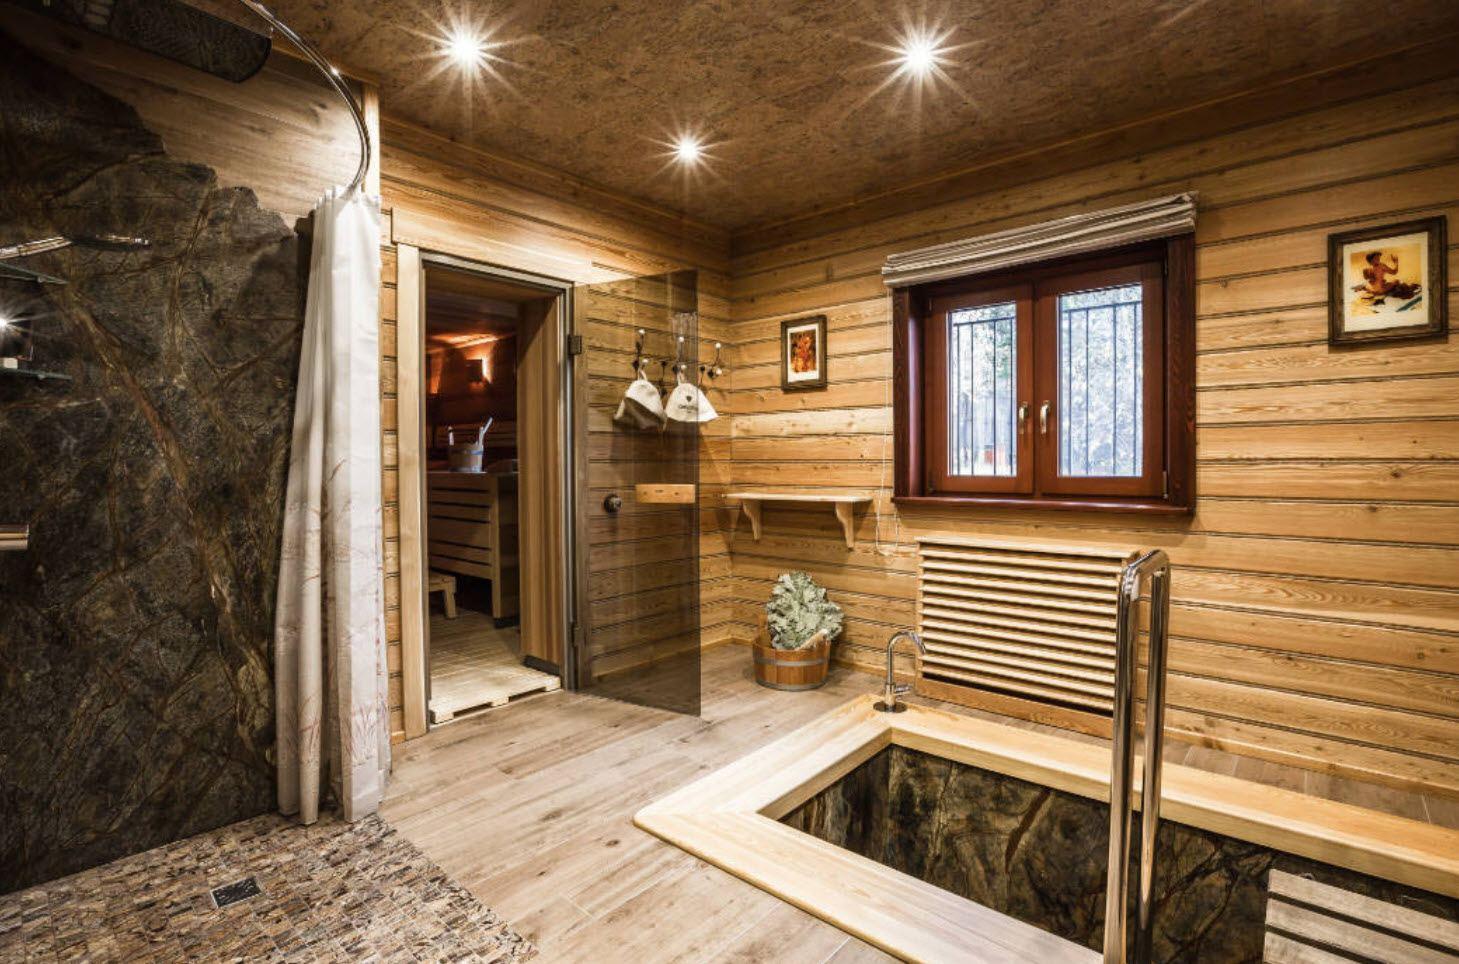 Проекты гостевых бань: примеры и особенности реализации. нюансы строительства гостевых домов с баней